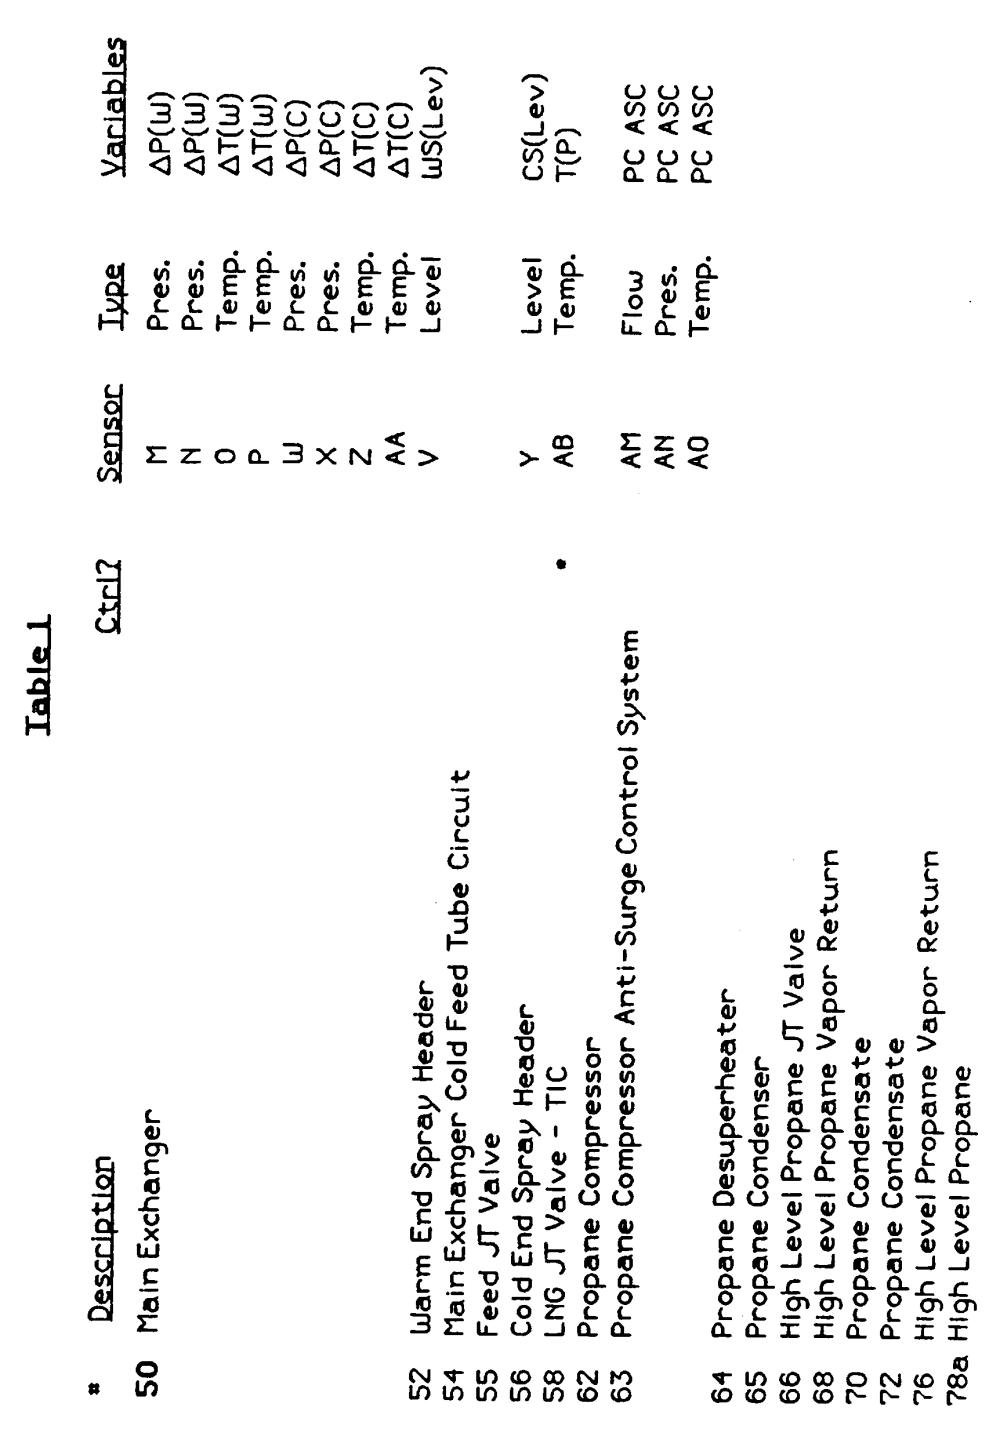 medium resolution of figure imgb0002